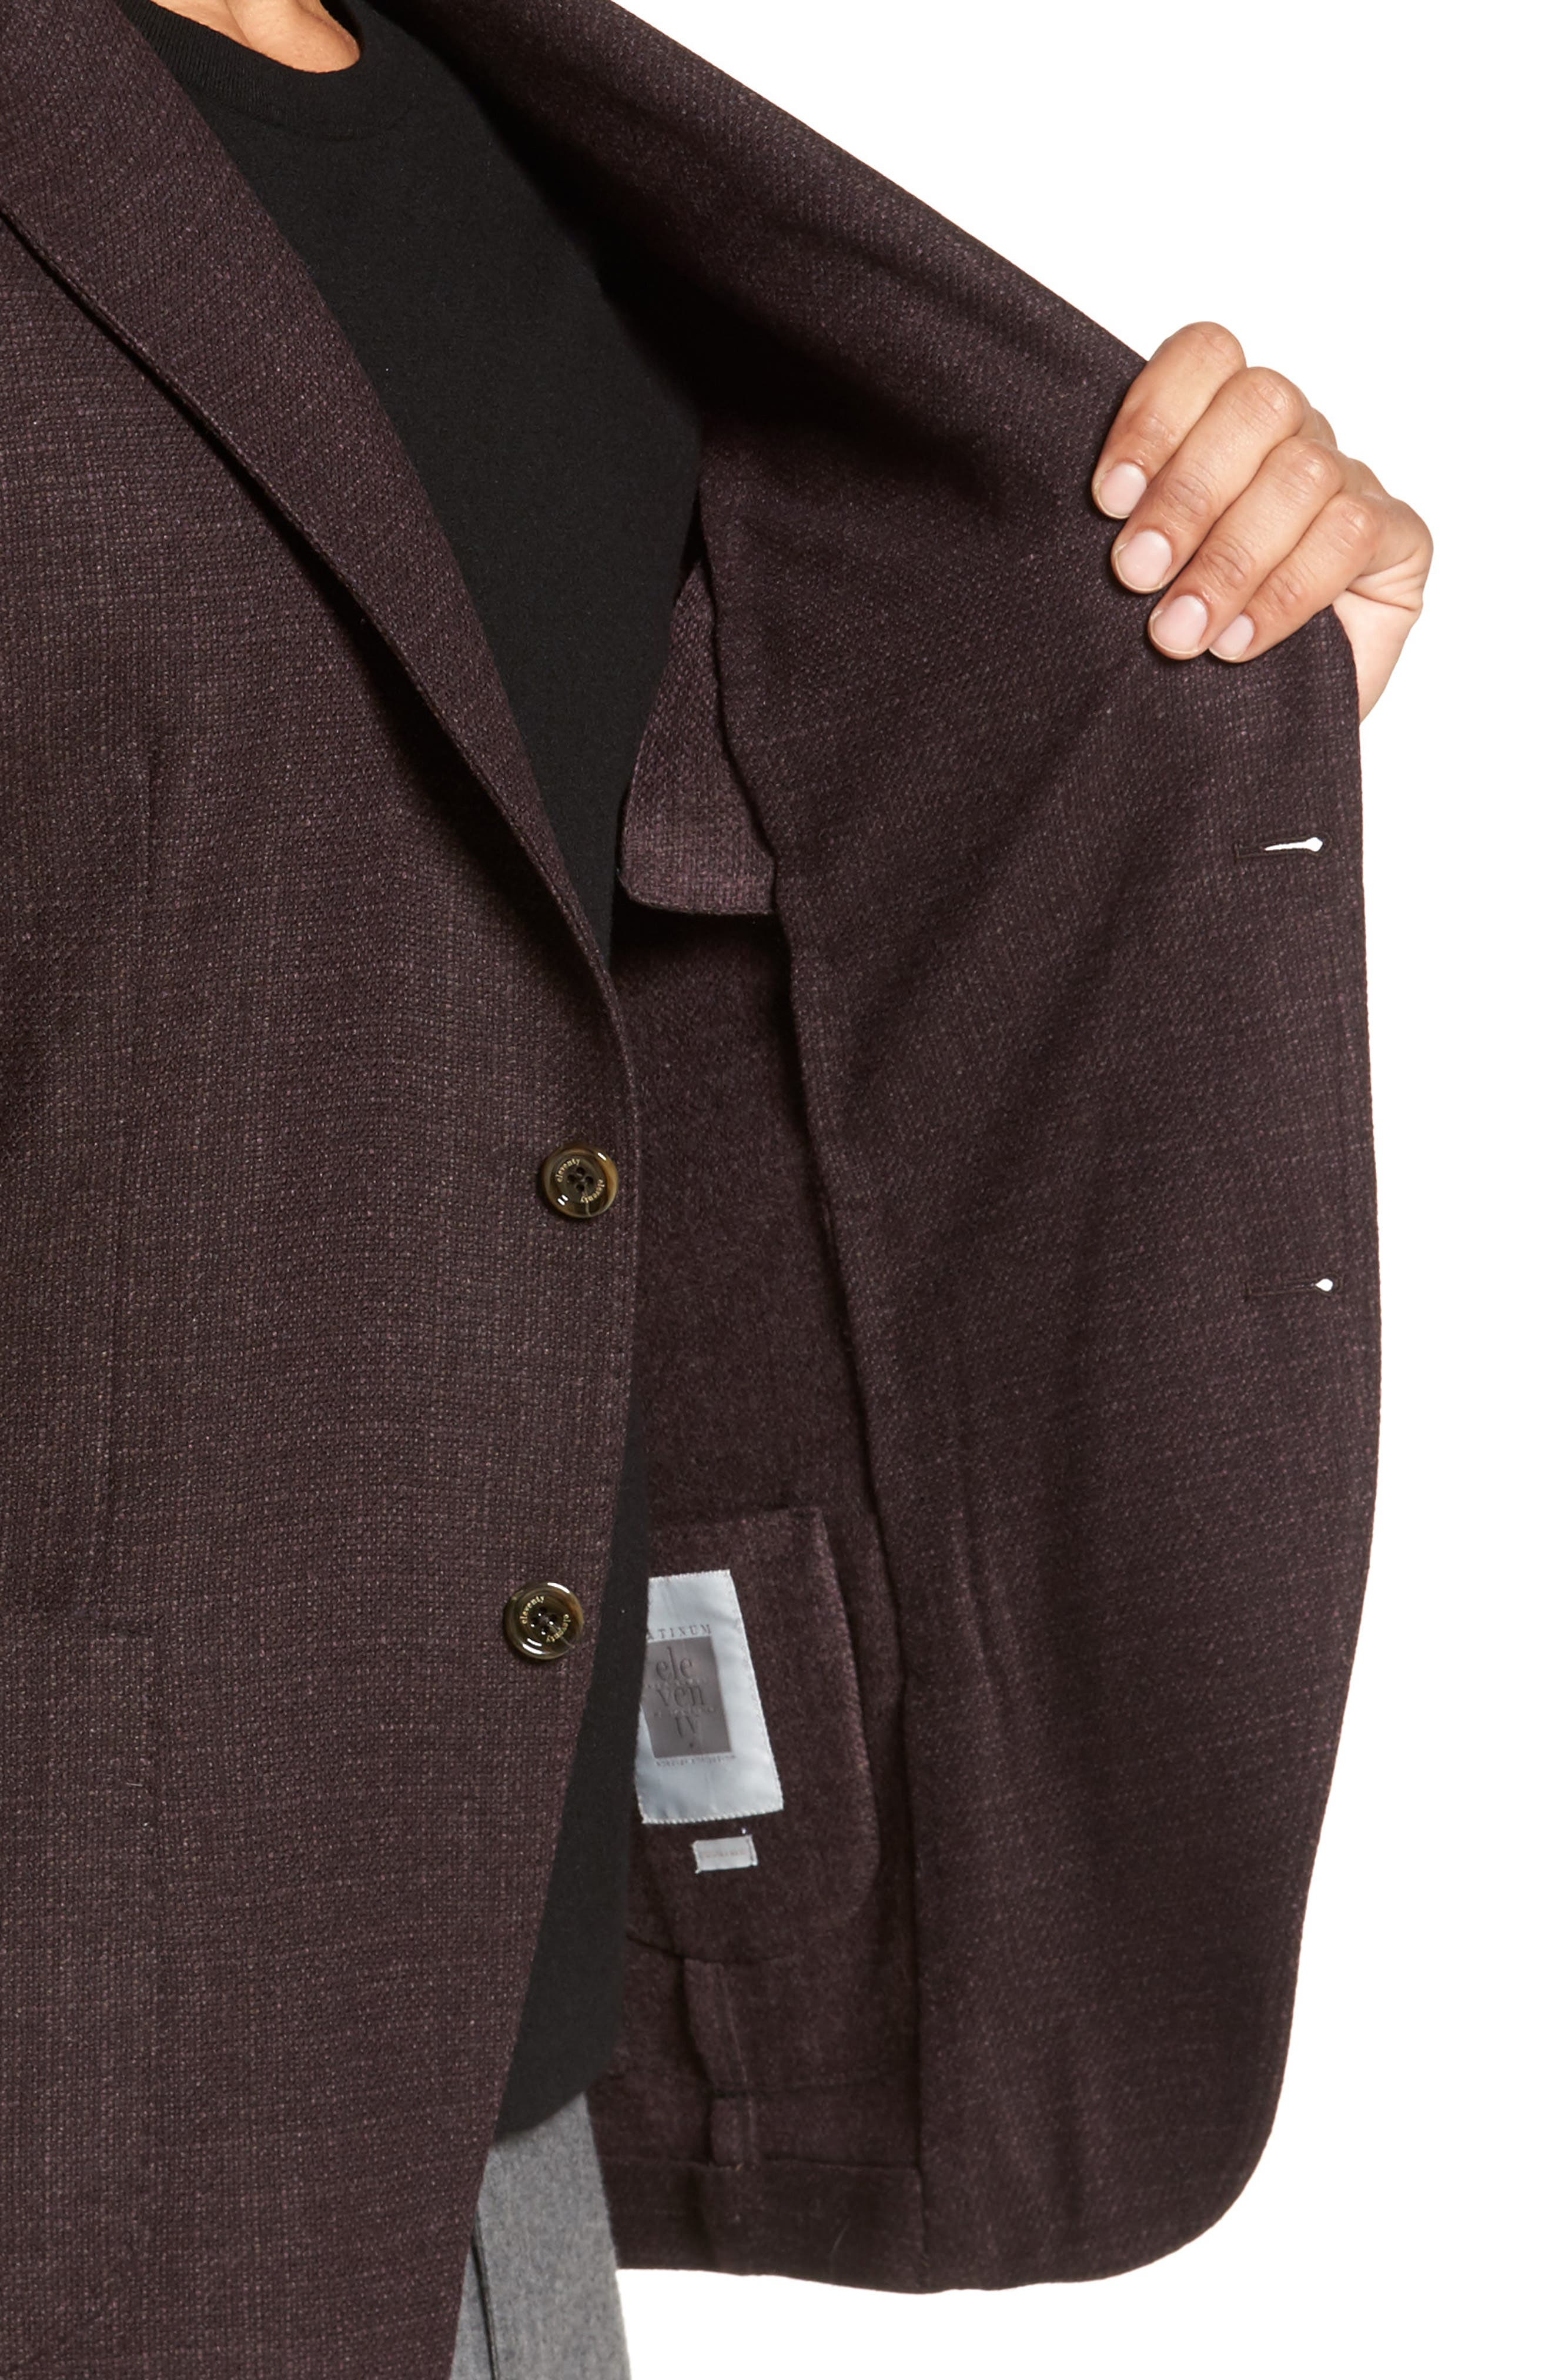 Trim Fit Wool & Cashmere Blazer,                             Alternate thumbnail 4, color,                             932